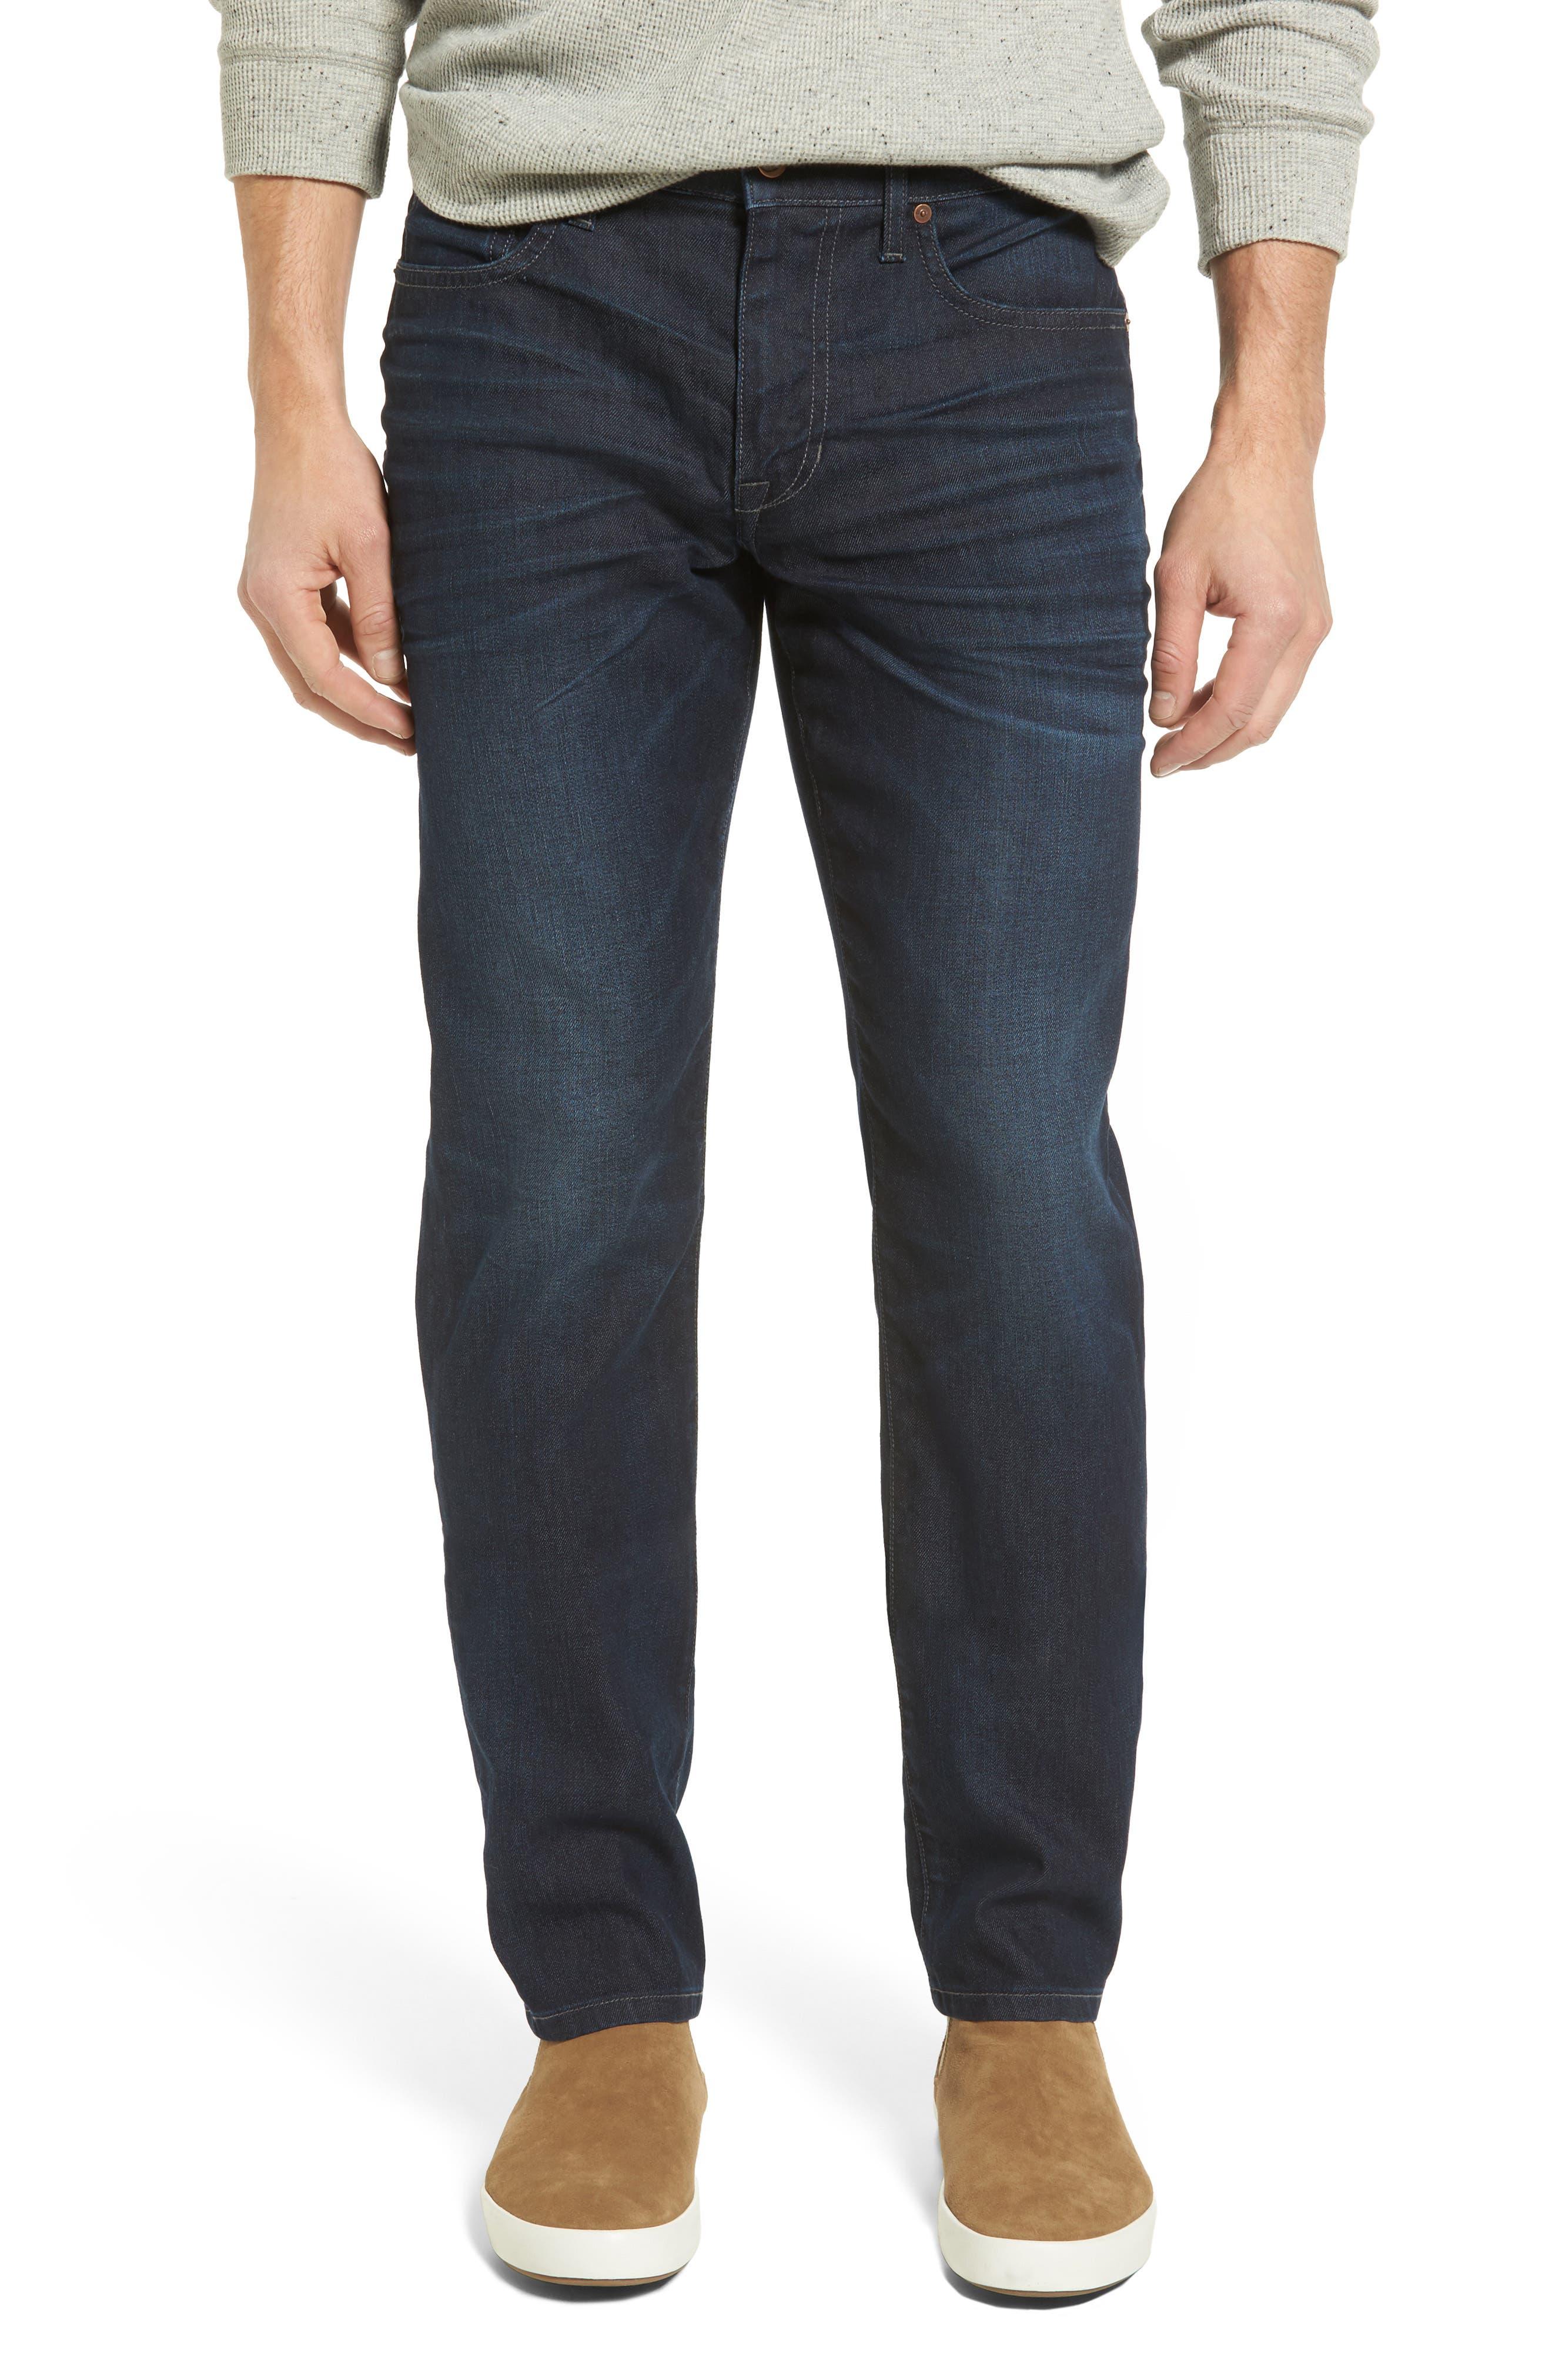 Brixton Slim Straight Leg Jeans,                         Main,                         color, Guest